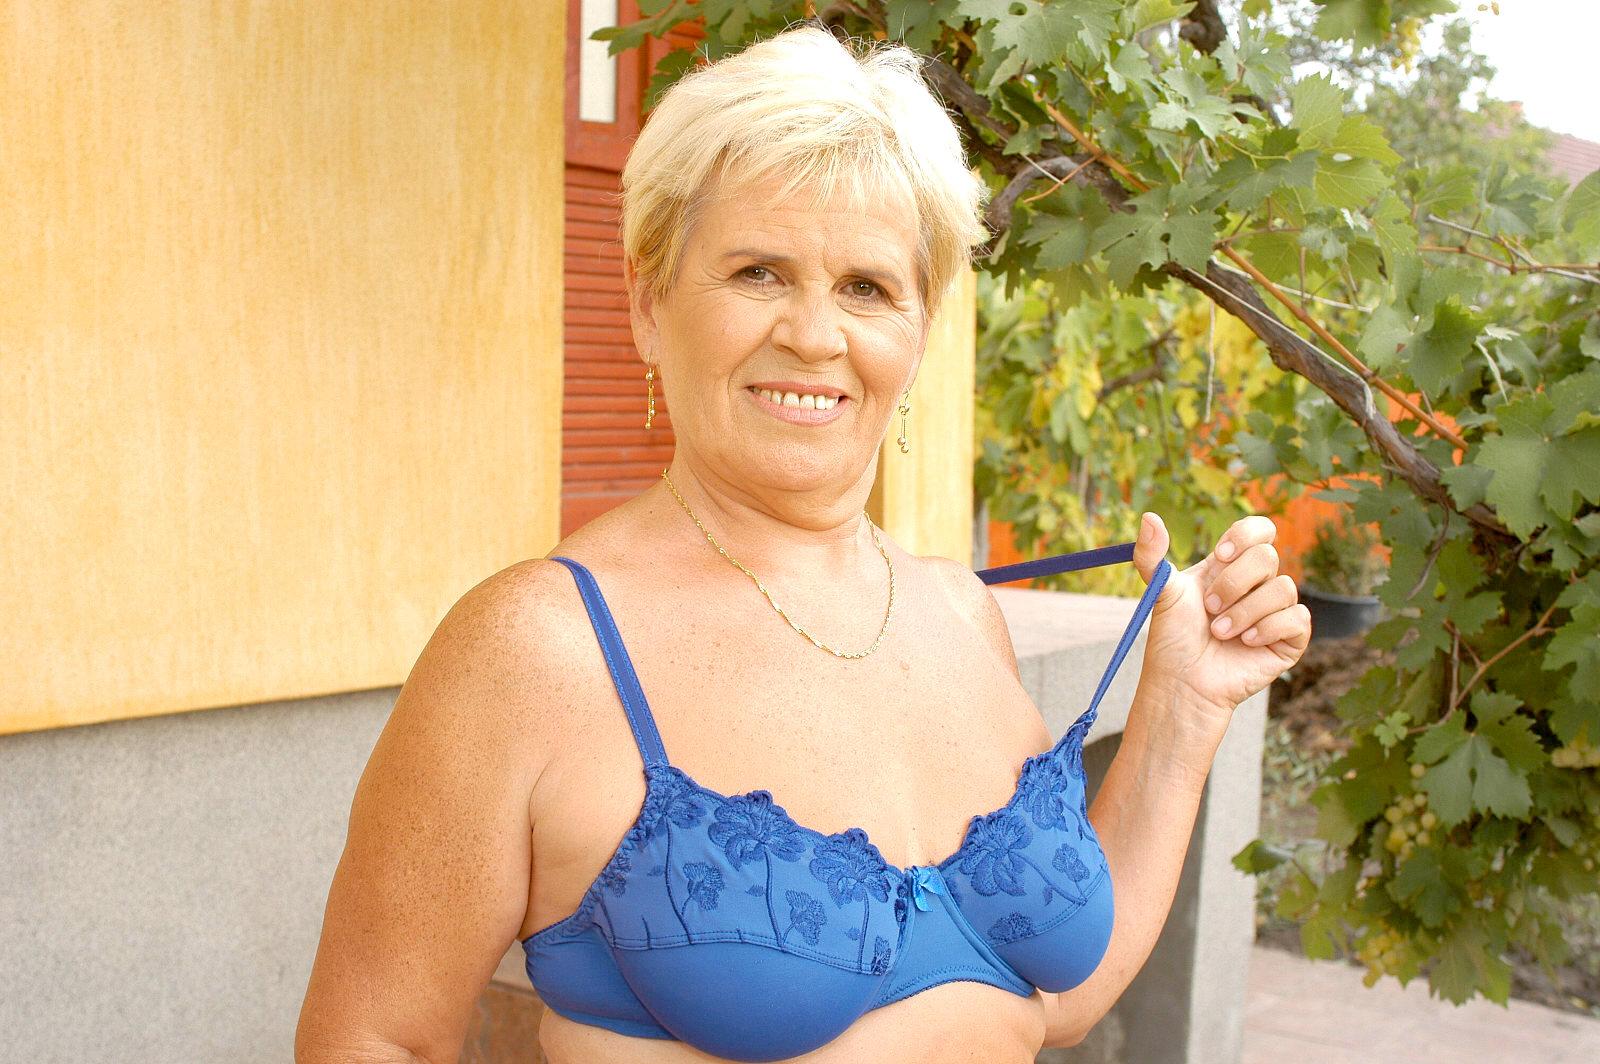 Hausfrauensex mit Lena